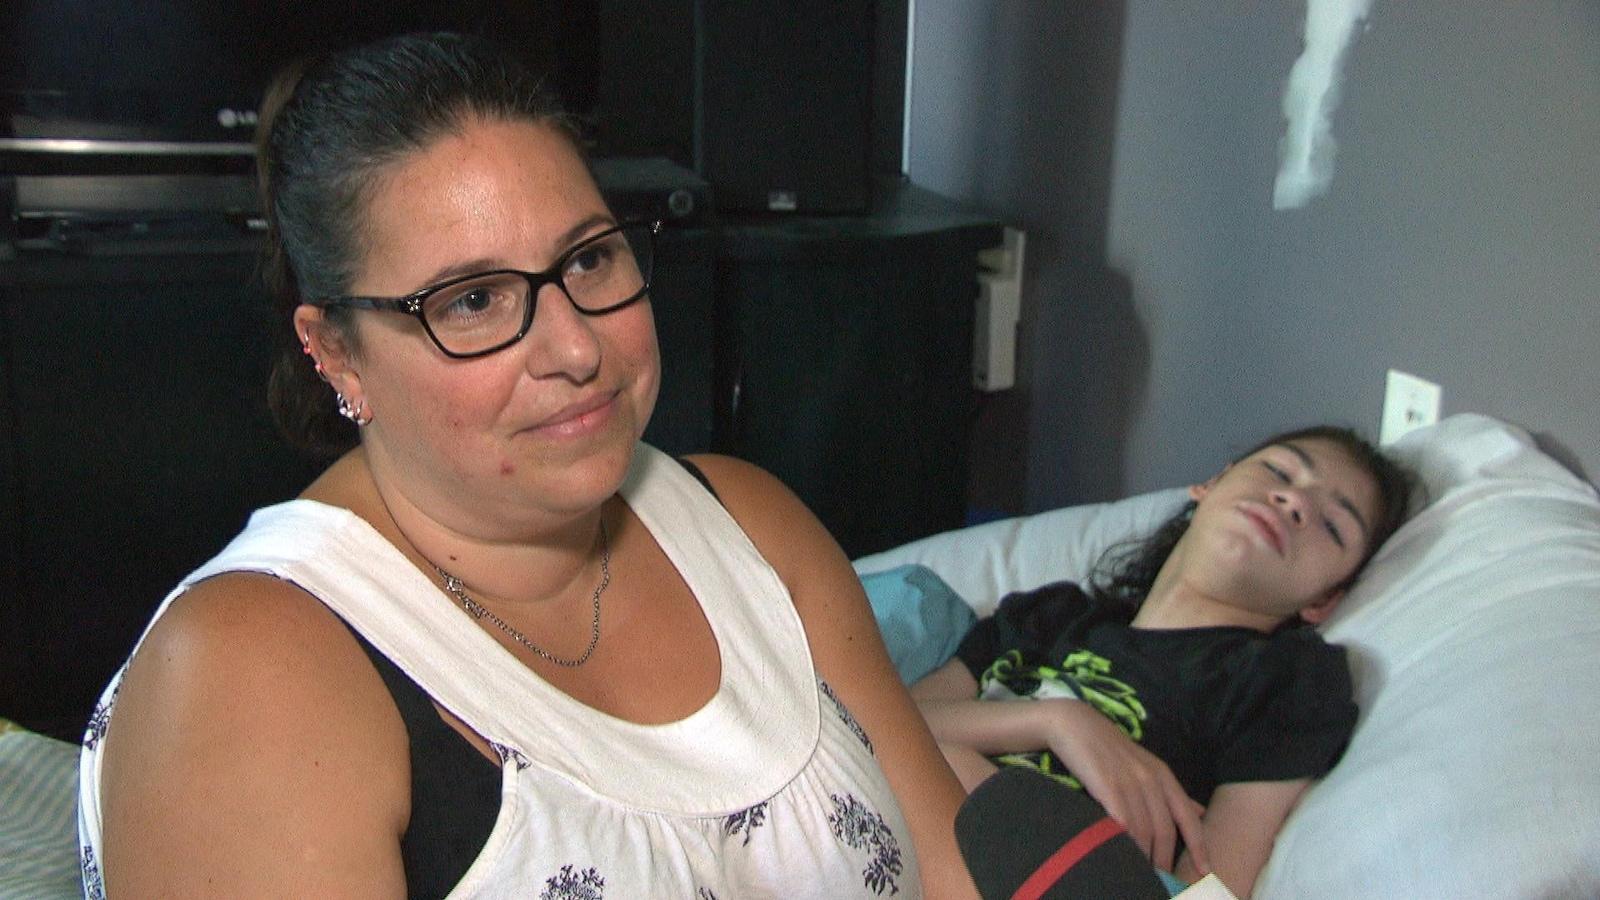 Julie-Anne Perron répond aux questions d'une journaliste. Son fils, Justin, est dans un lit en arrière plan.